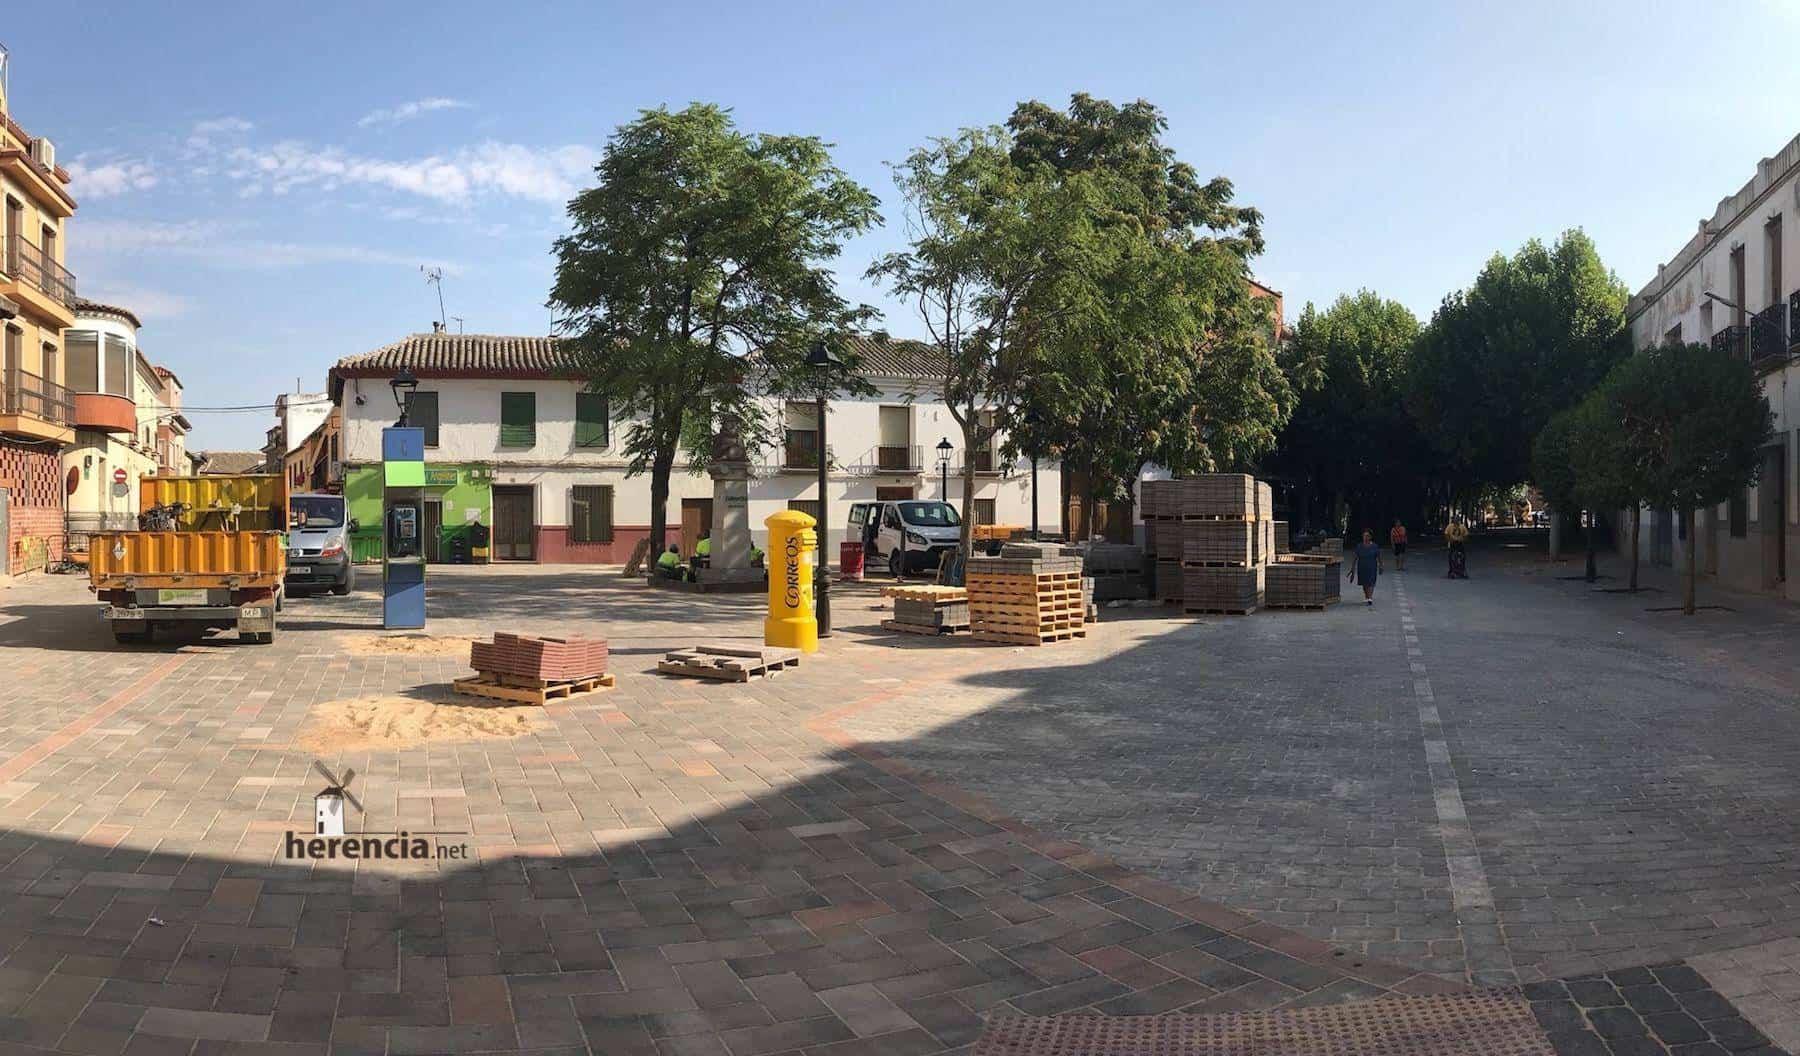 obras avenida y plaza cervantes en herencia fotos dcarrero herencia net 26 - La nueva Plaza Cervantes de Herencia pronto finalizará sus obras